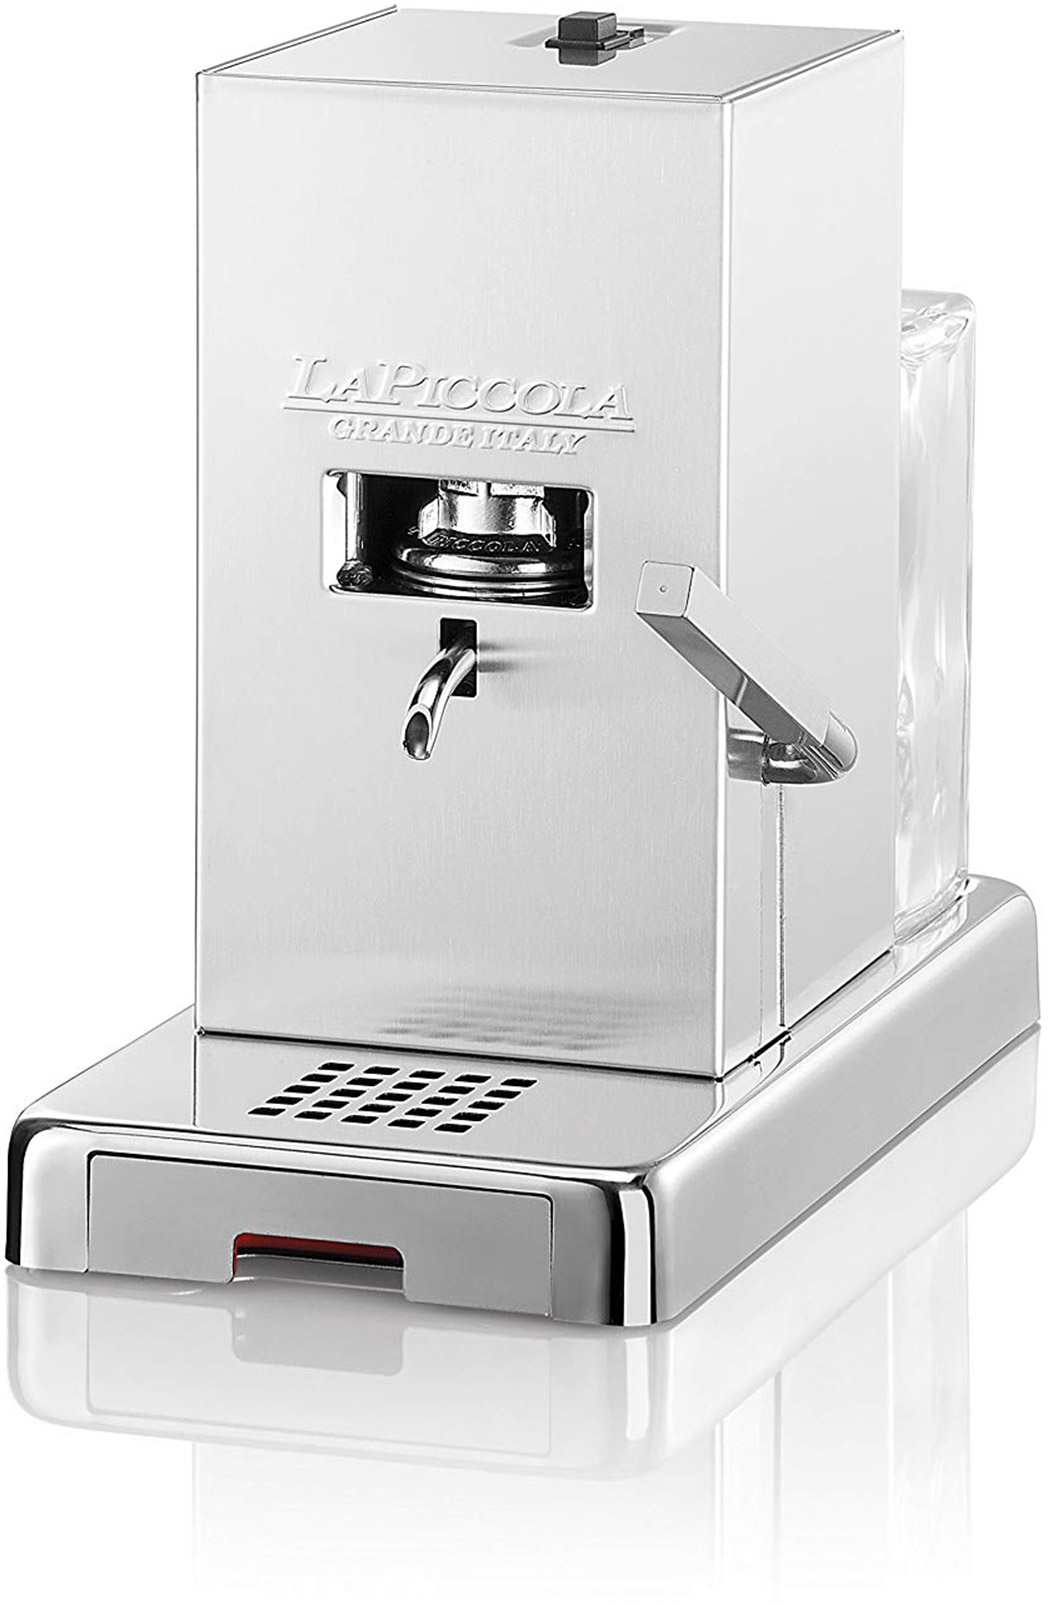 macchina da caffè in cialde